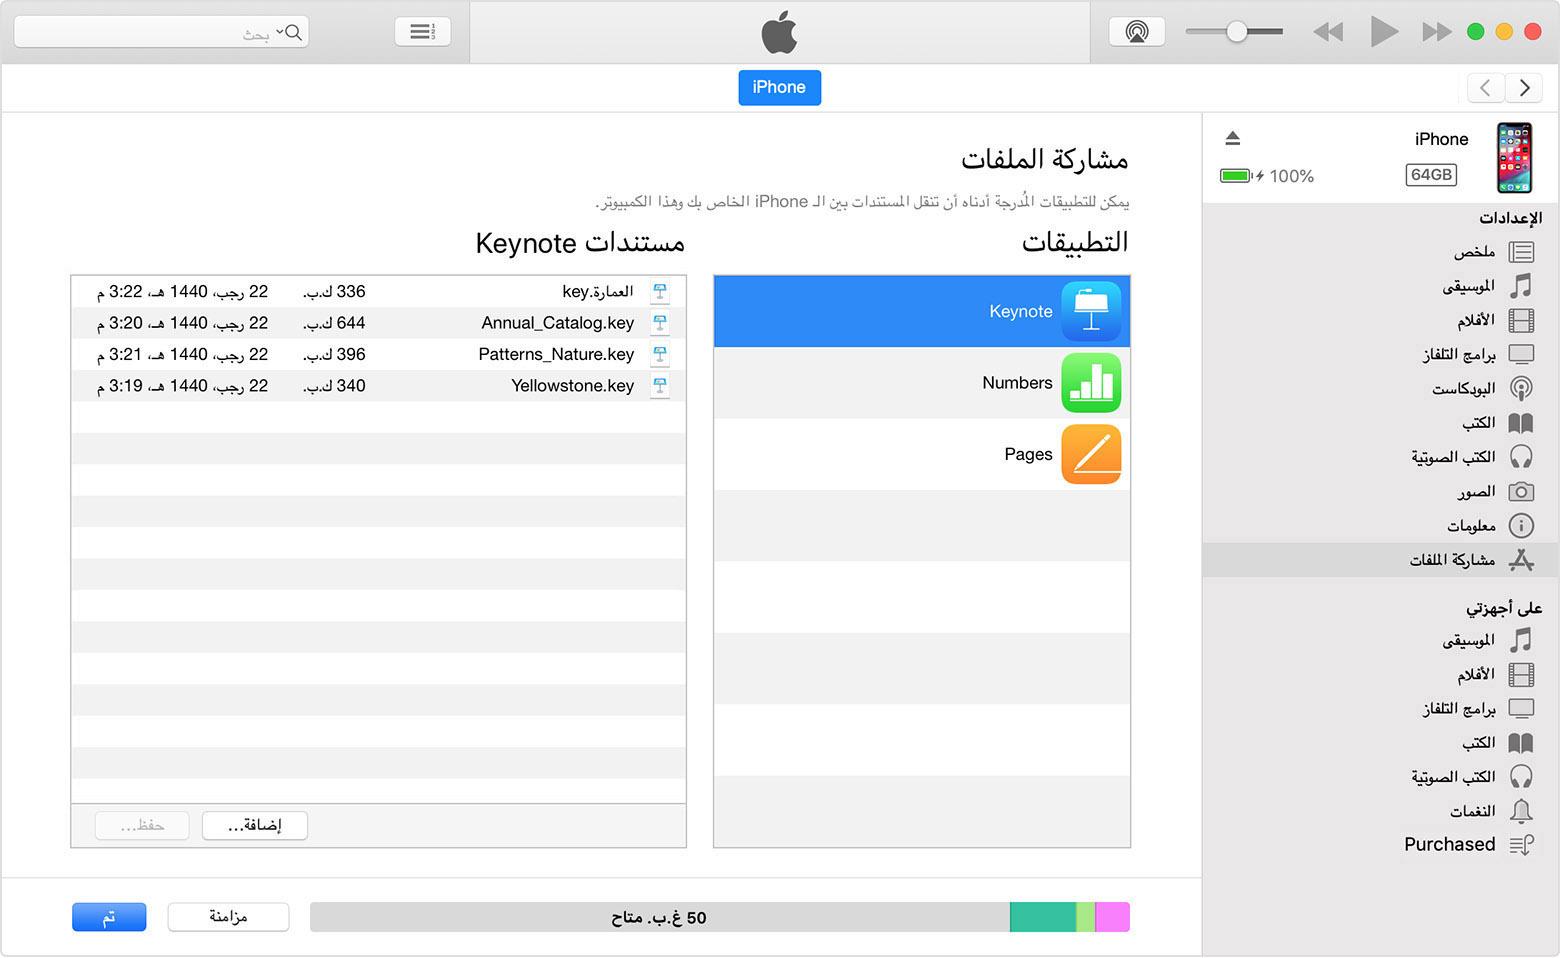 استخدام Itunes لمشاركة الملفات بين الكمبيوتر وجهاز Ios أو Ipados Apple الدعم